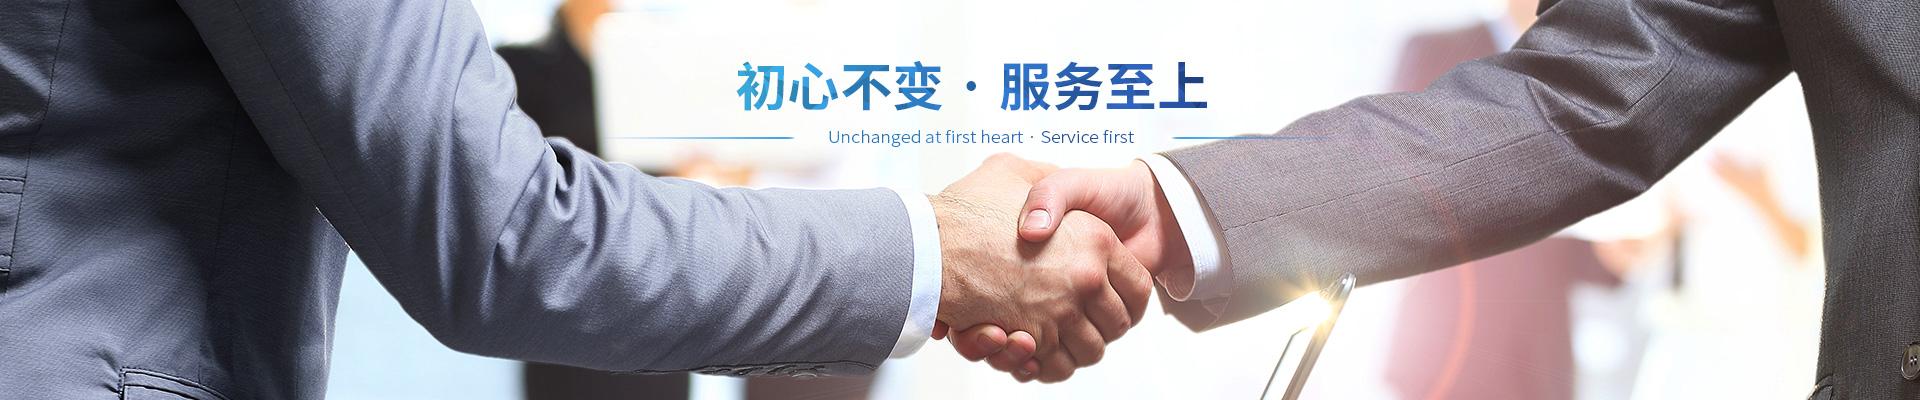 青浦区专注信息咨询服务服务至上